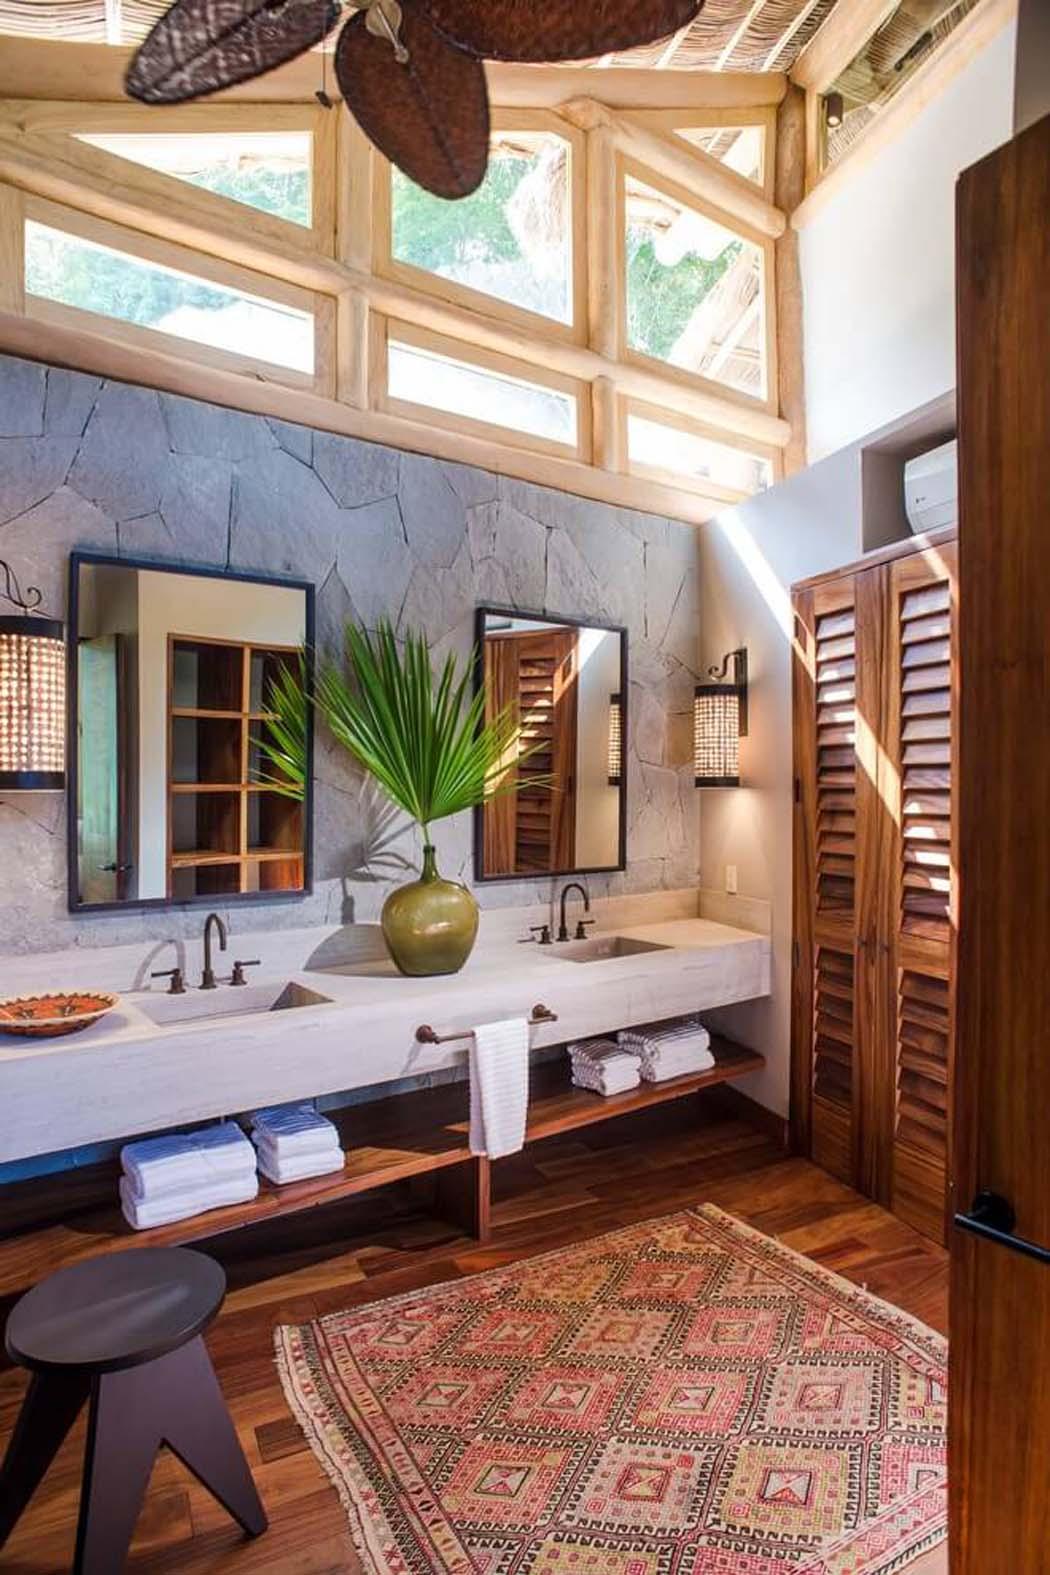 Originale maison location de vacances au mexique avec une - Appartement luxe mexicain au plancher bien original ...